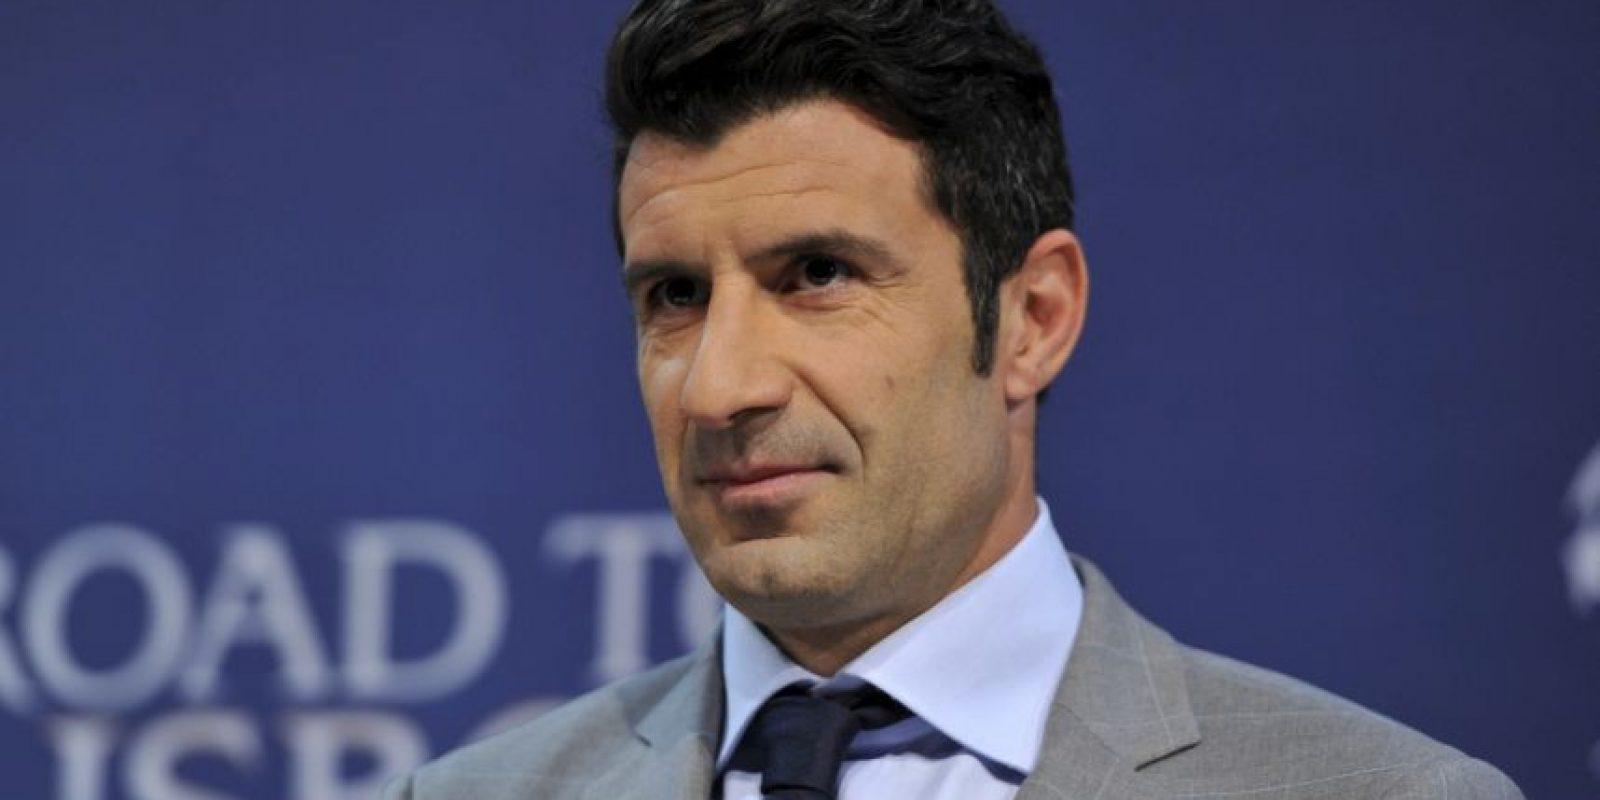 Luis Figo es un futbolista portugués retirado. Con 42 años, busca la presidencia de la FIFA. Foto:Getty Images